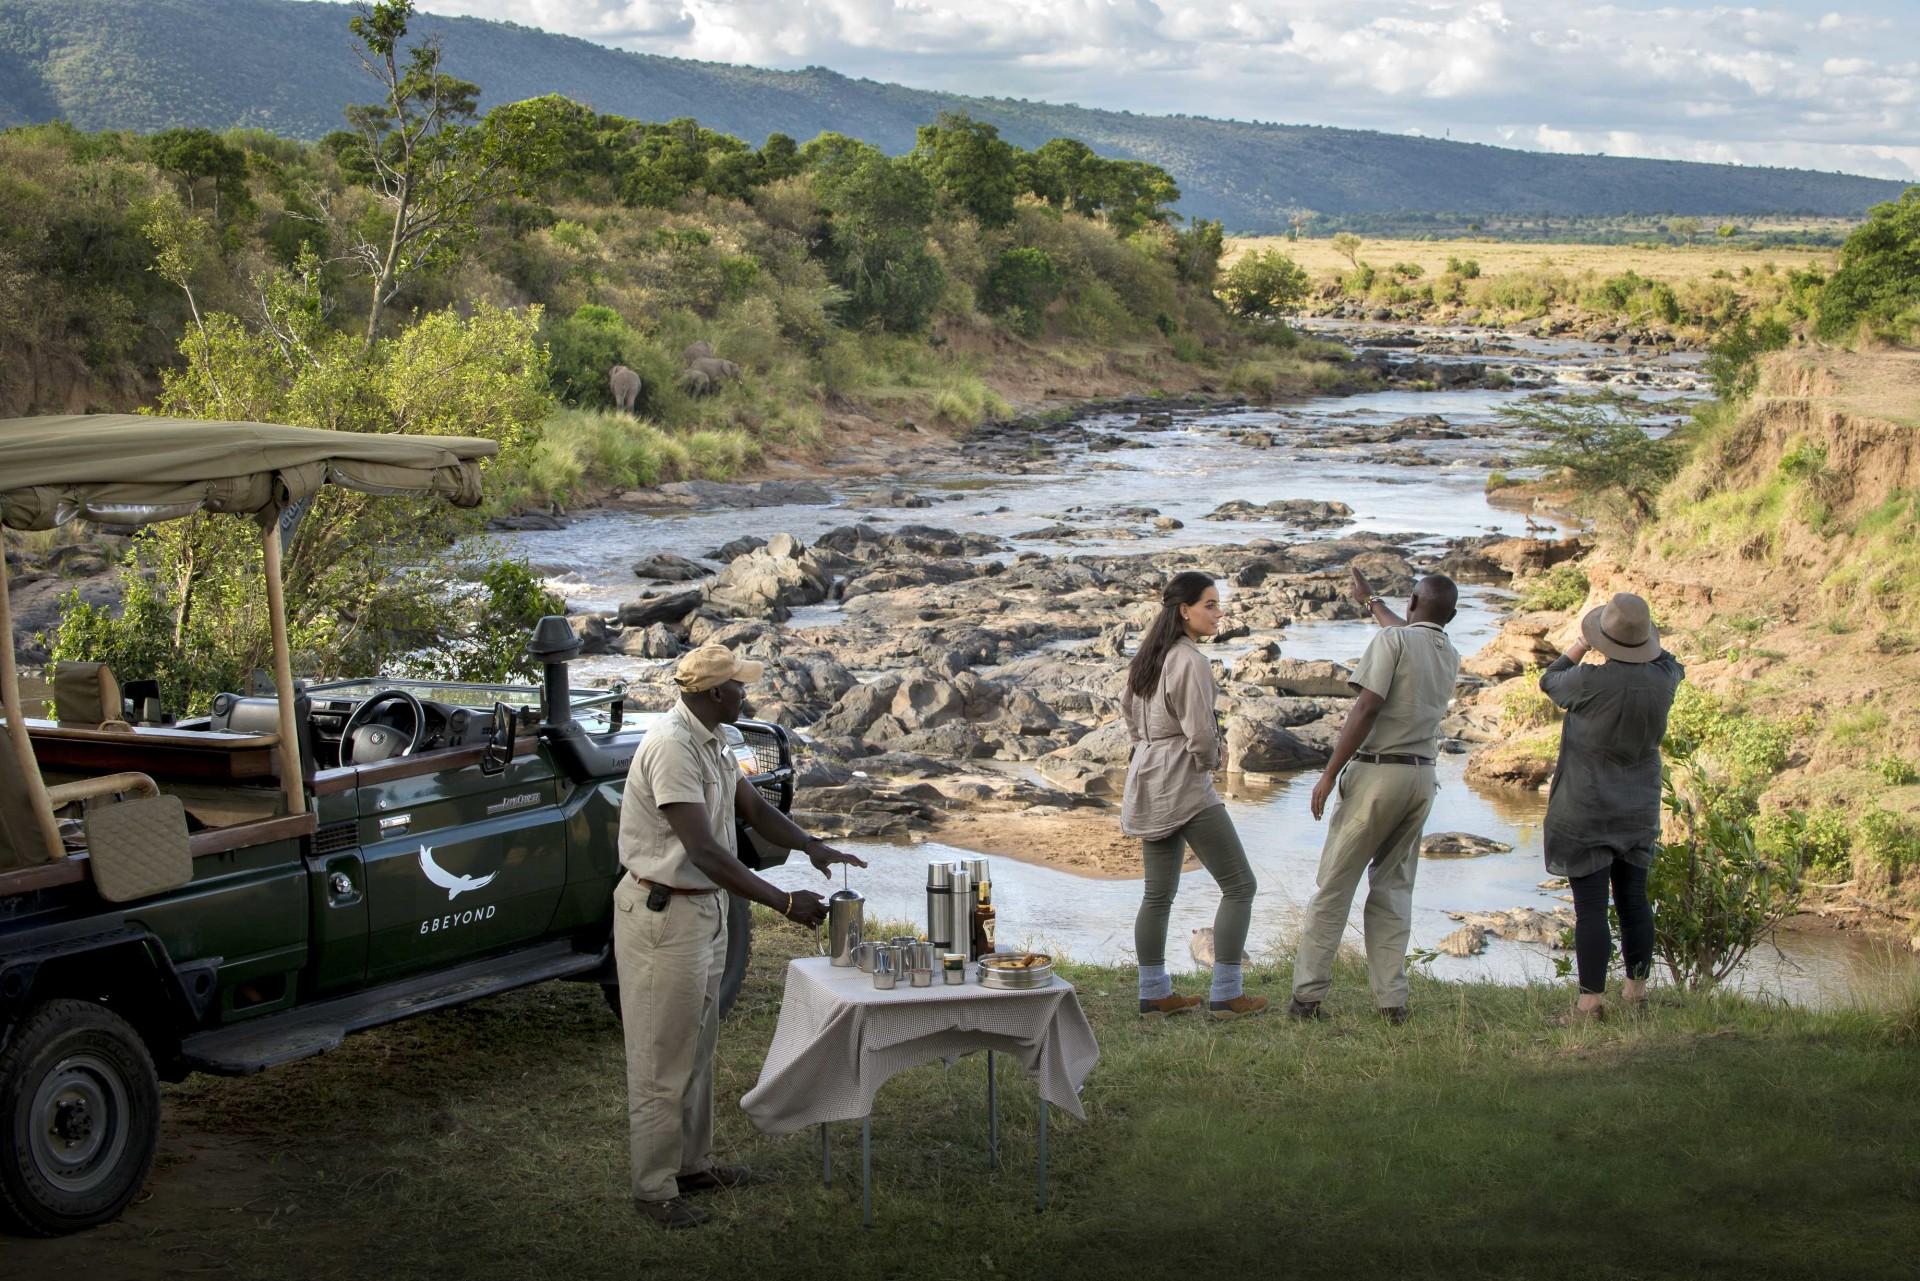 Pirschfahrt in der Masai Mara nahe des andBeyond Bateleur Camp